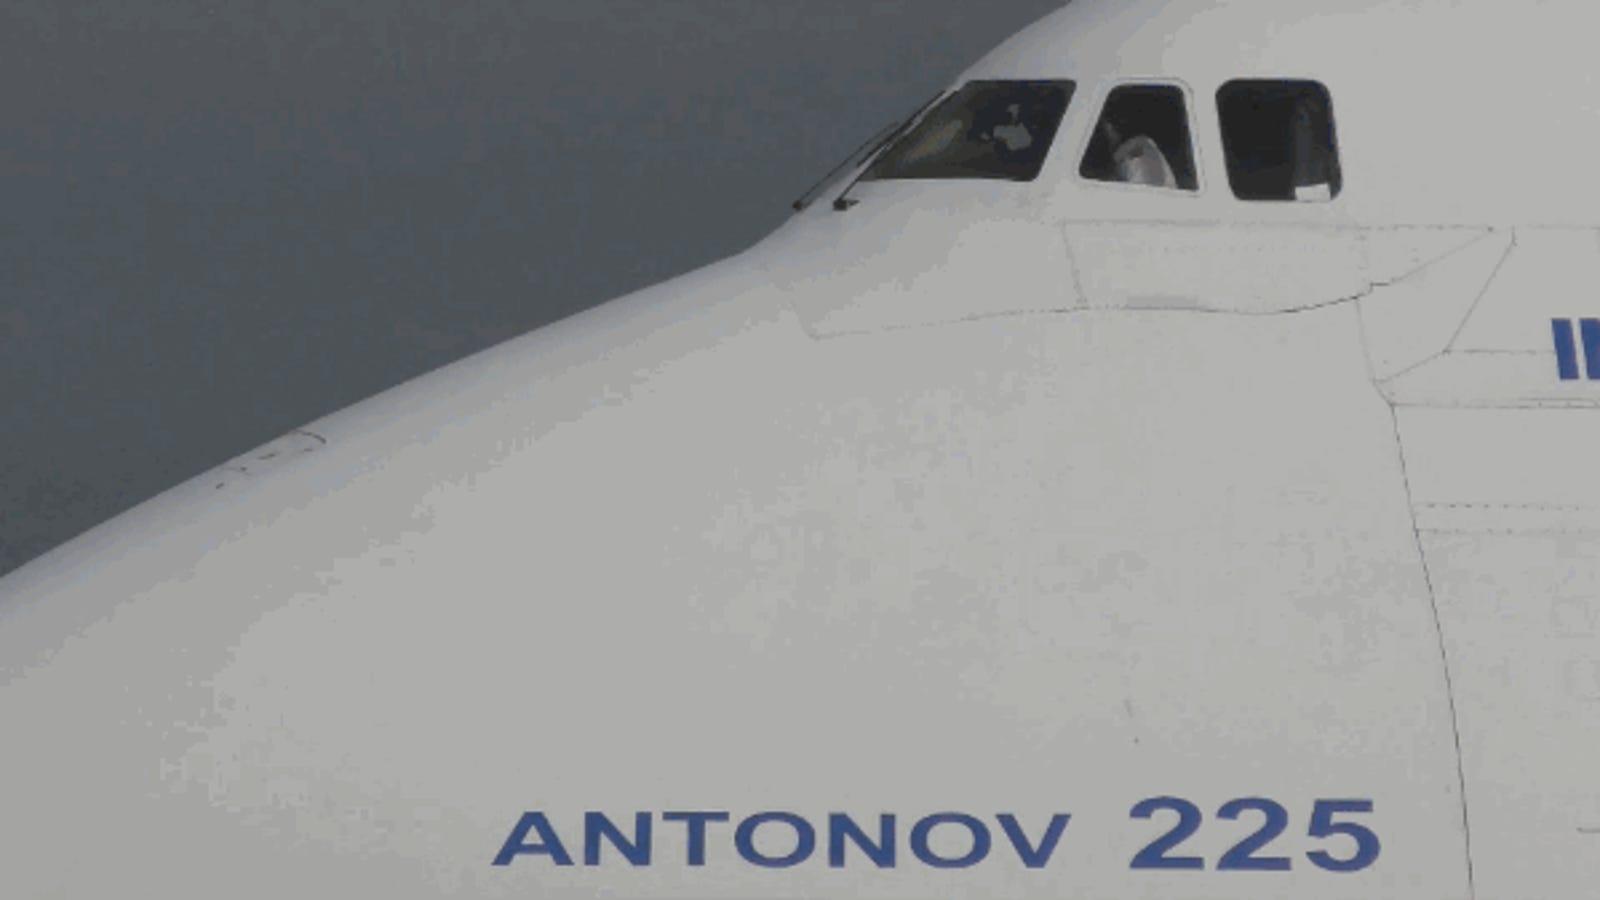 El majestuoso espectáculo de ver aterrizar el avión más grande del mundo en 4K